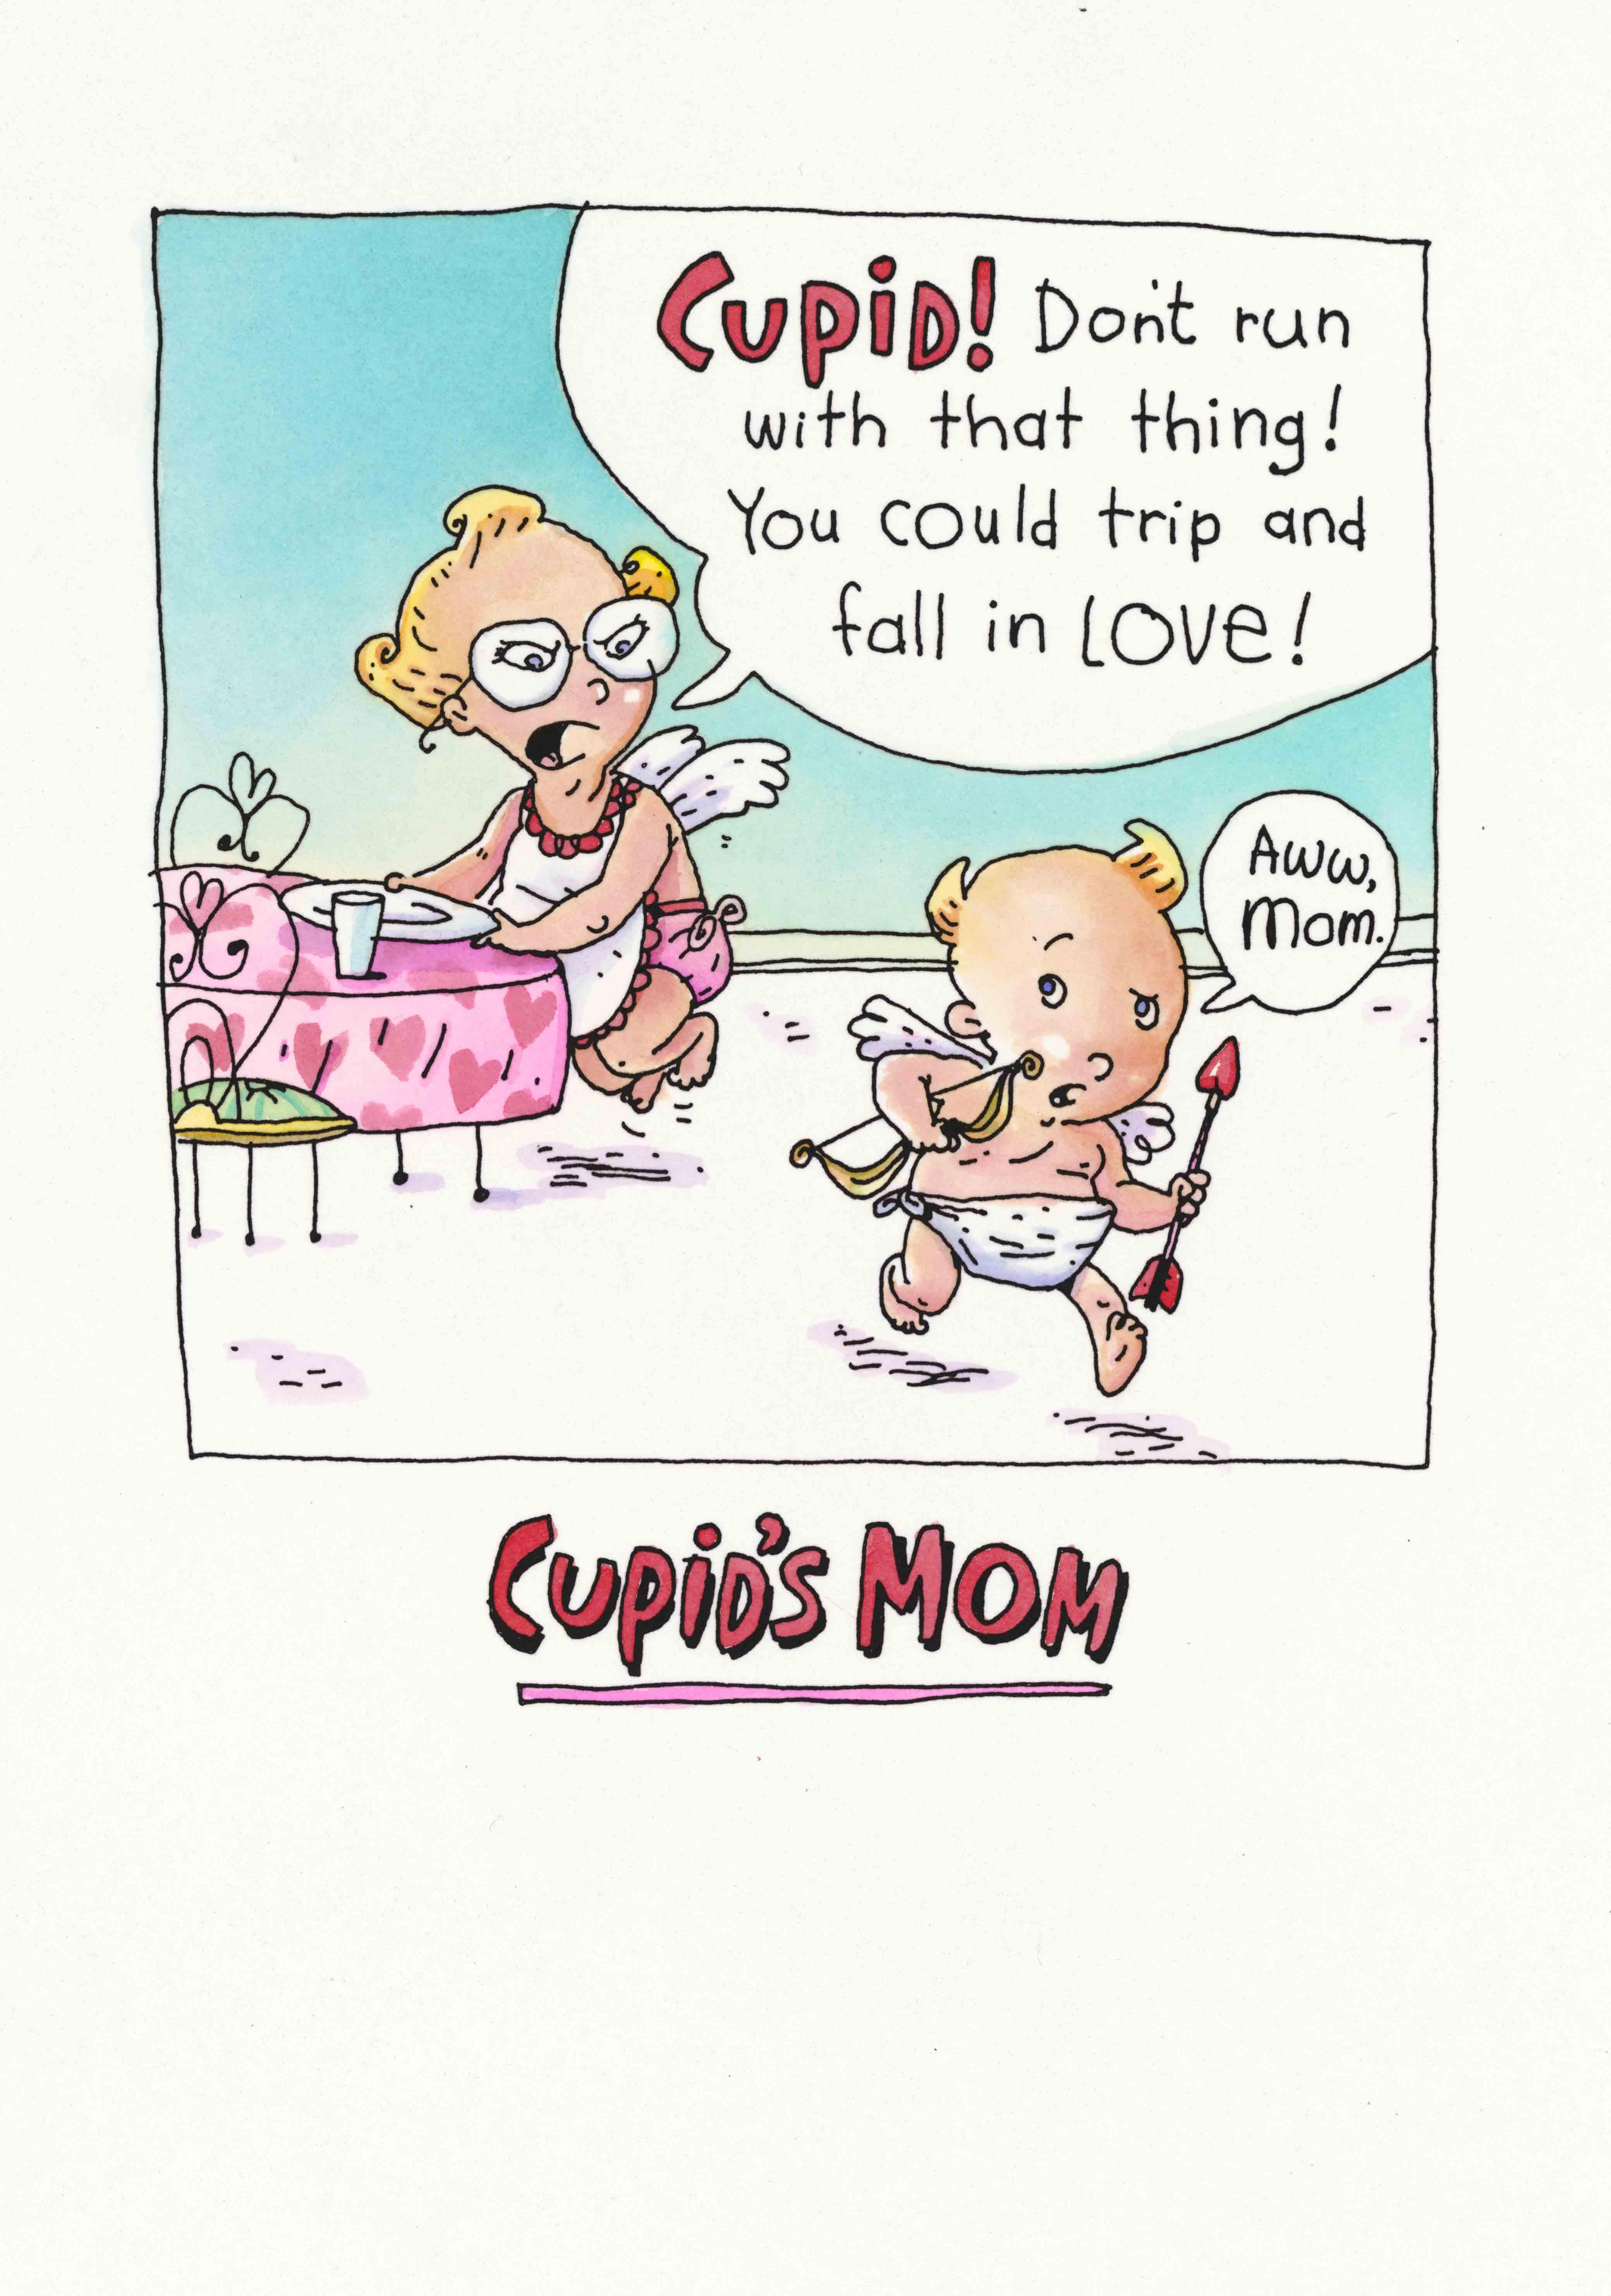 1998 Valentine's Day Card